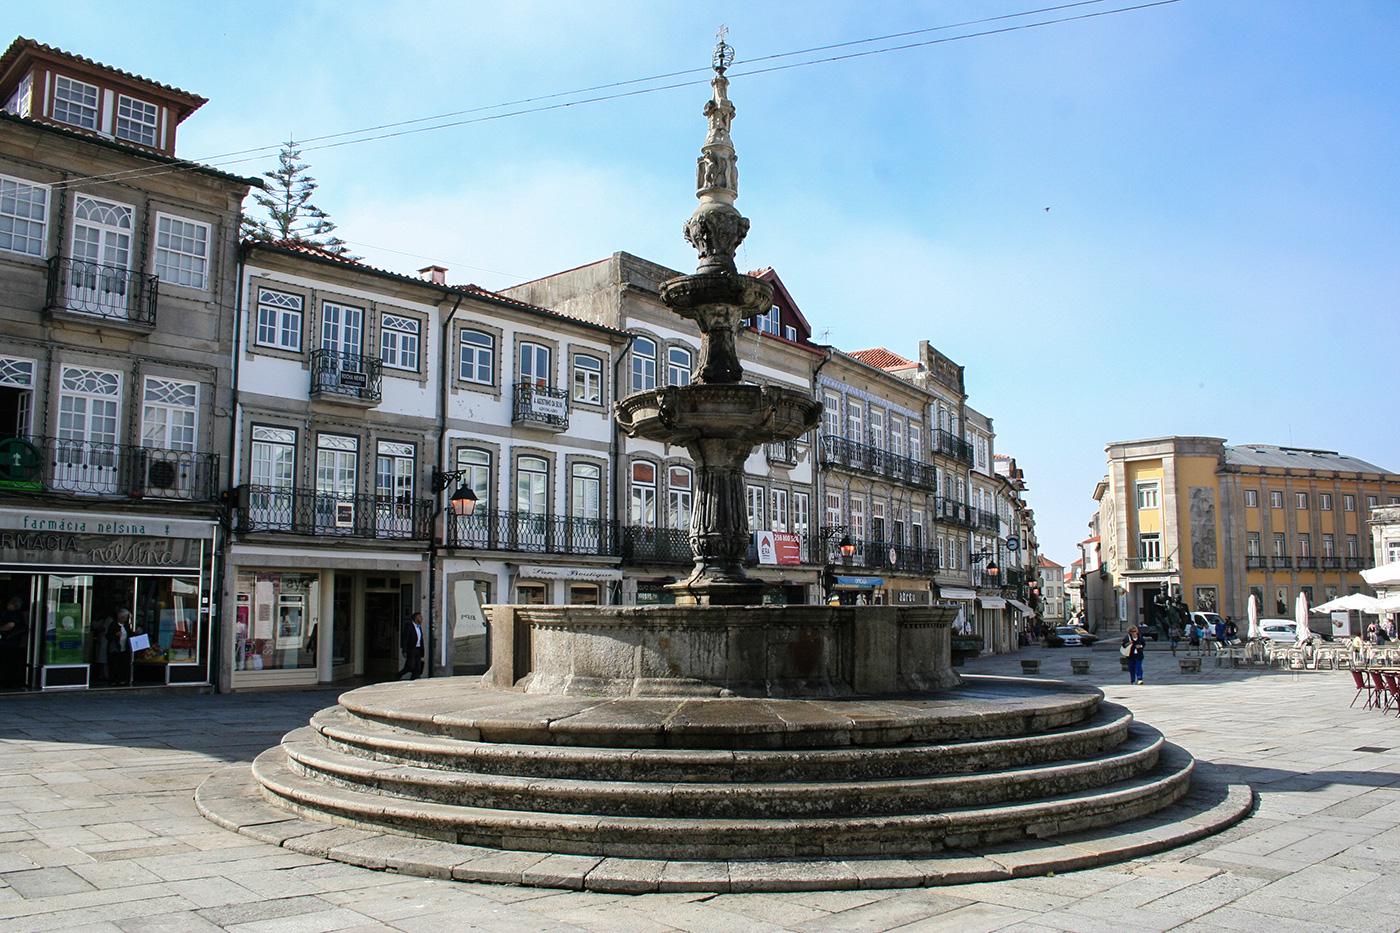 Brunnen in der Altstadt Viana do Castelo